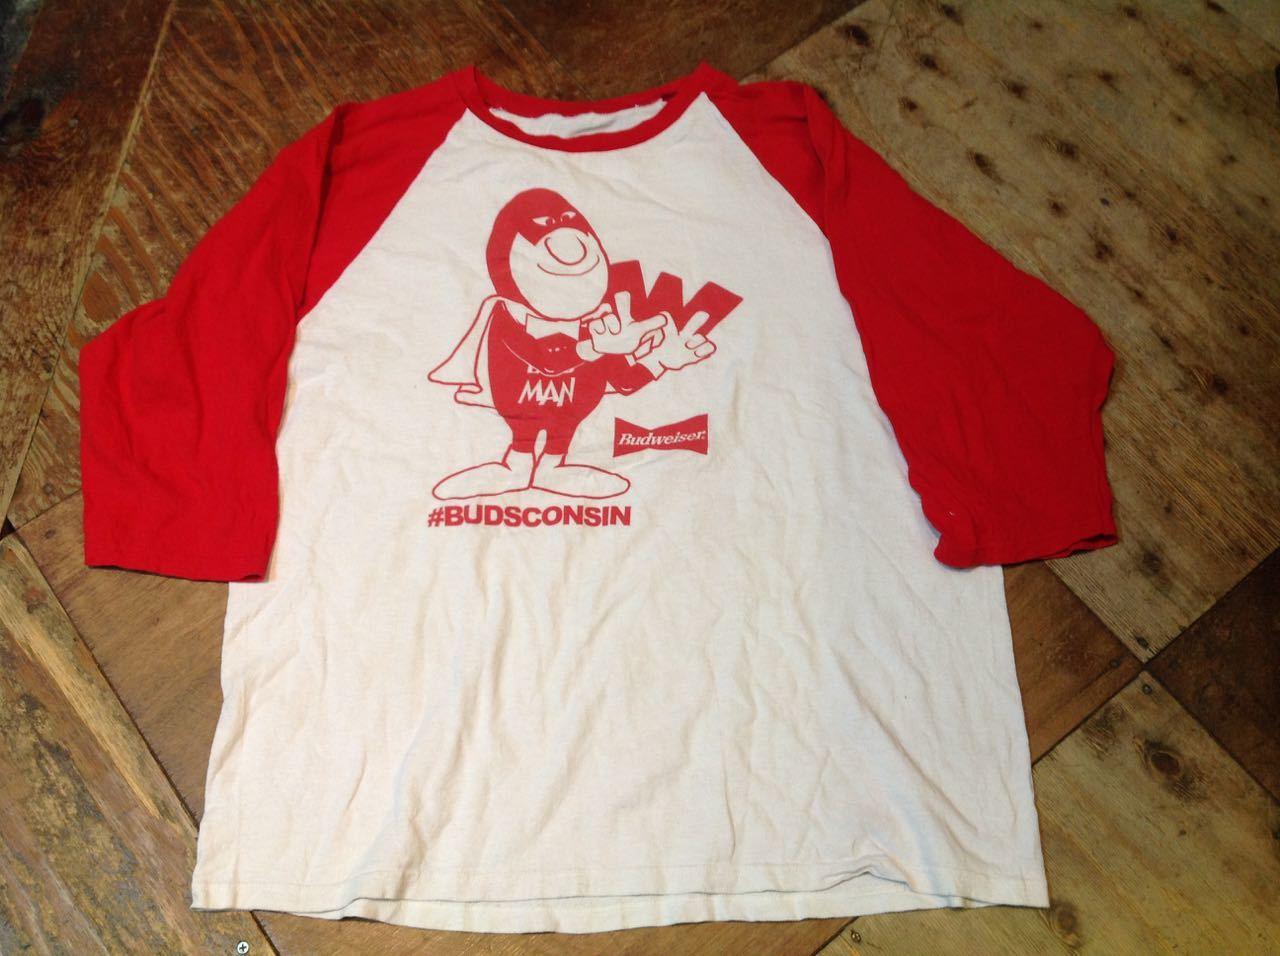 3月28日(土)入荷!80s レア BUDWEISER バドワイザー BUDMAN ロングスリーブ Tシャツ!_c0144020_14302442.jpg